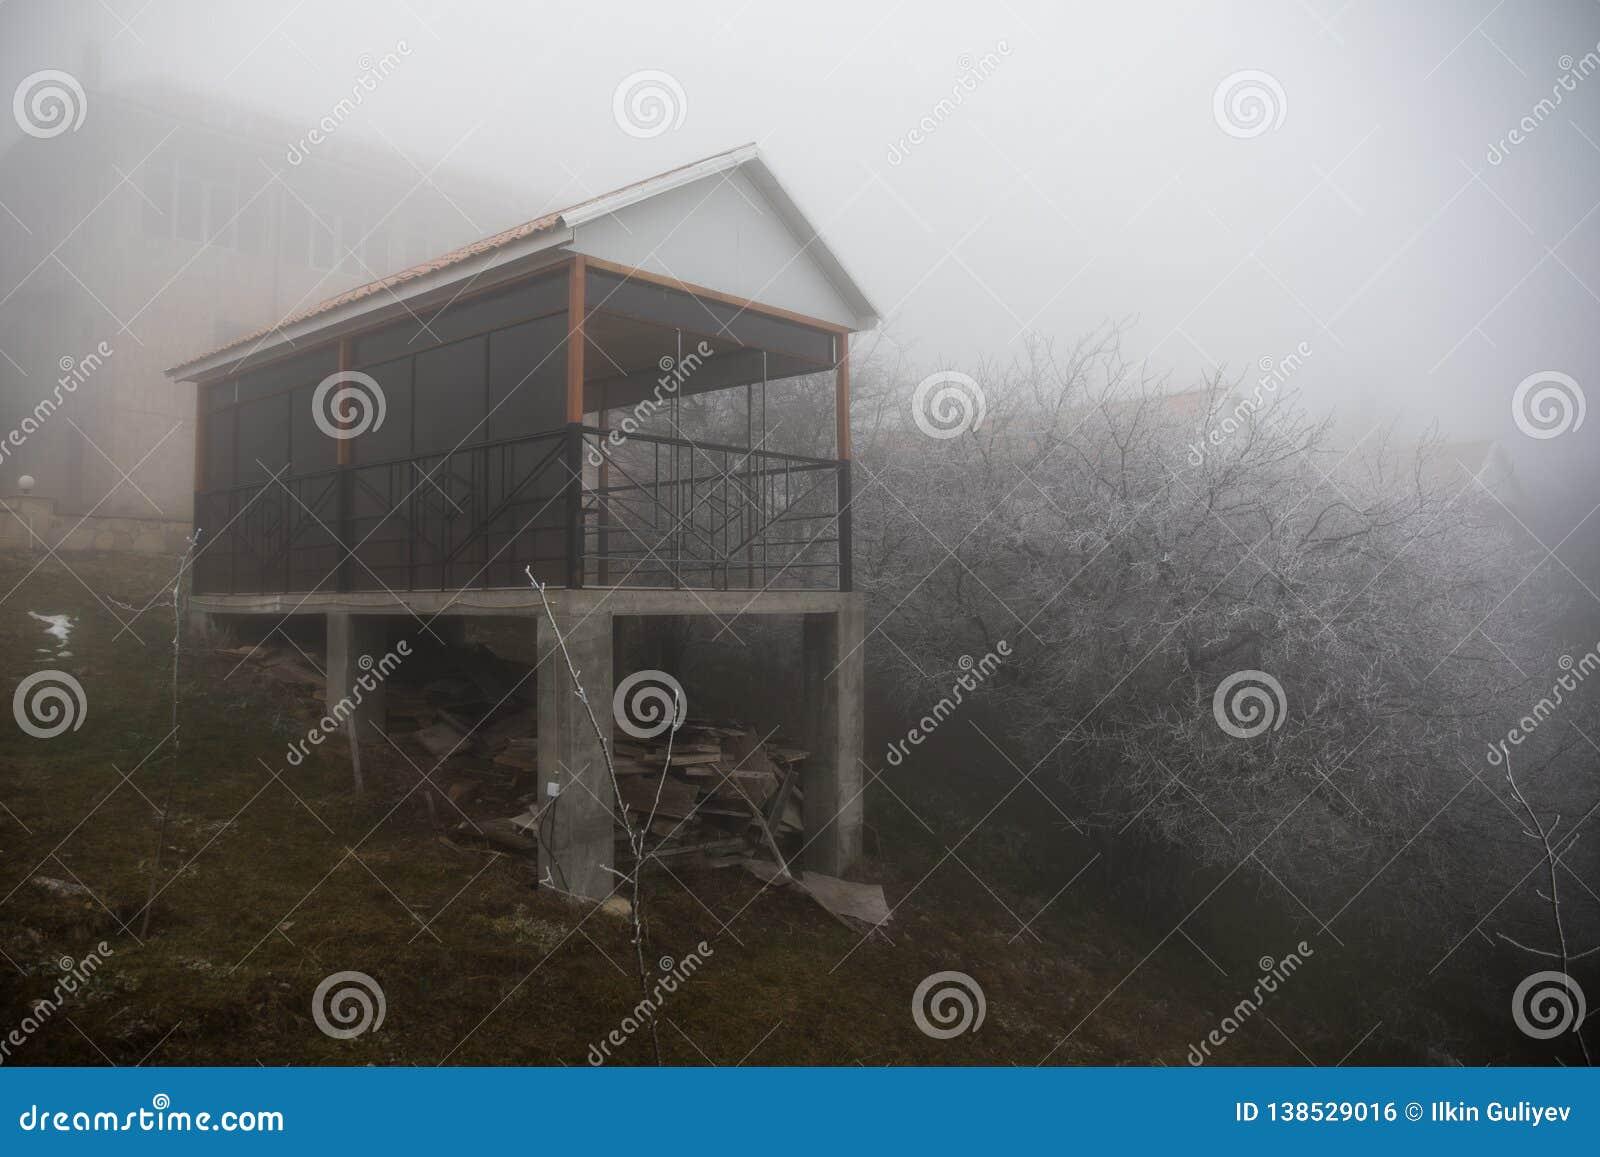 Casa misteriosa nella foresta con nebbia e un albero La vecchia casa spettrale sulla terra di in nessun posto